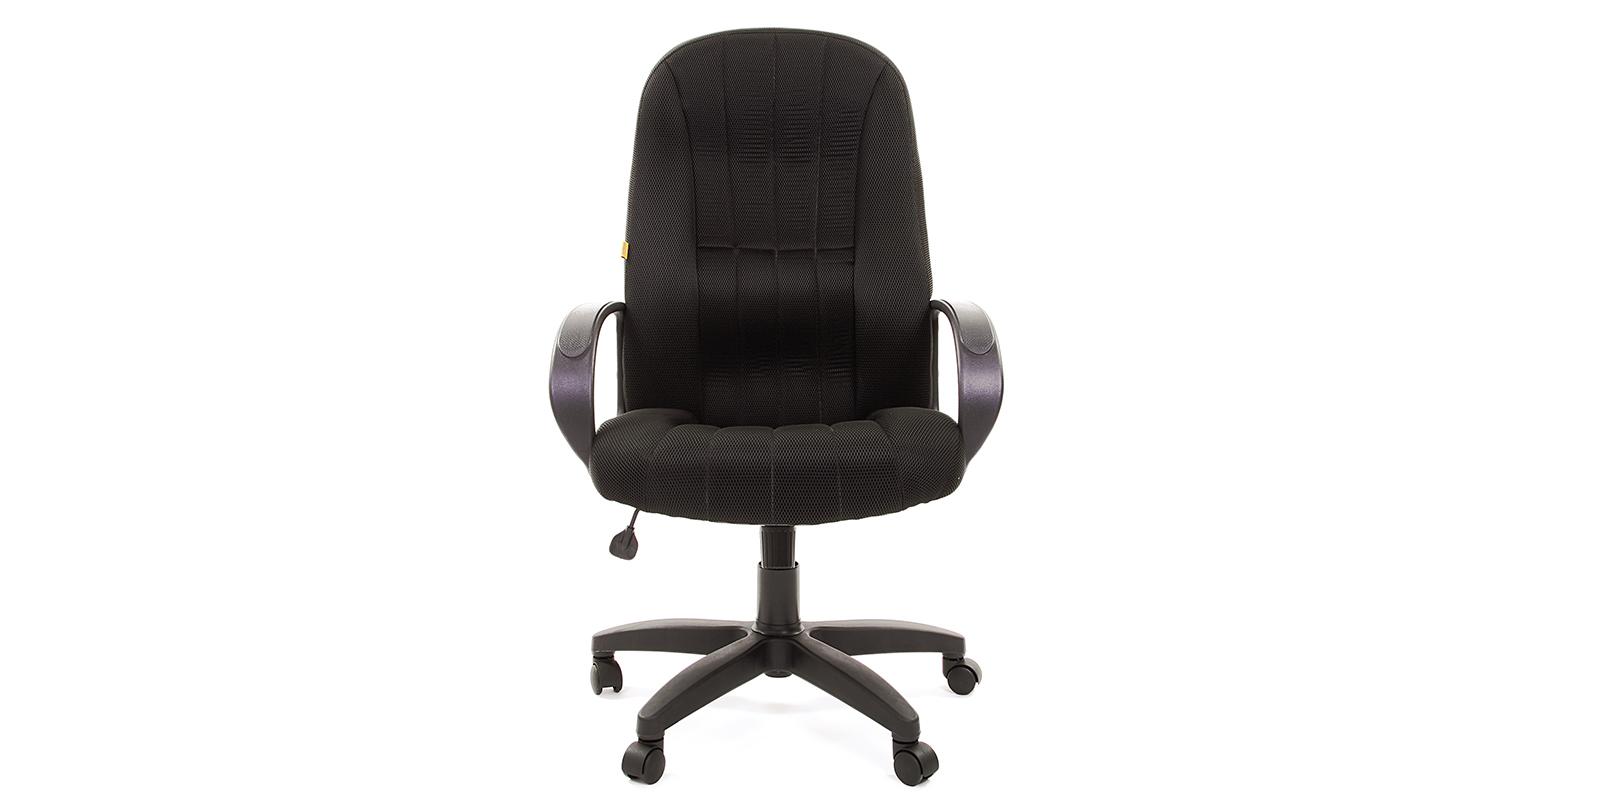 Кресло для руководителя Chairman 685 вариант №2 (черный) от HomeMe.ru